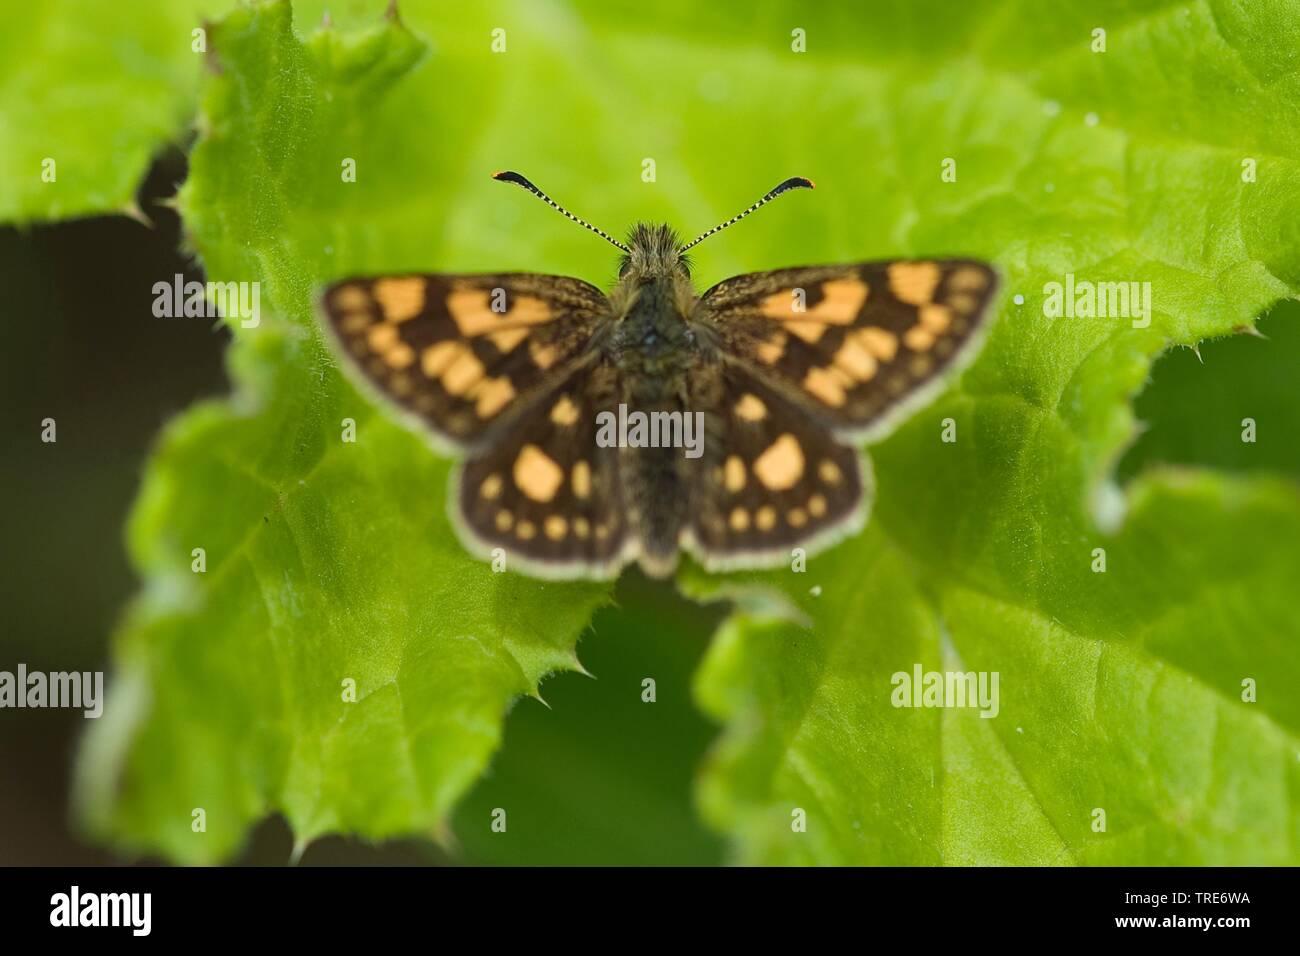 Gelbwuerfeliger Gelbwuerfeliger Dickkopffalter Dickkopffalter,, Bunter Dickkopffalter (Carterocephalus palaemon, Pamphila palaemon), sitzt in einem B Stockbild